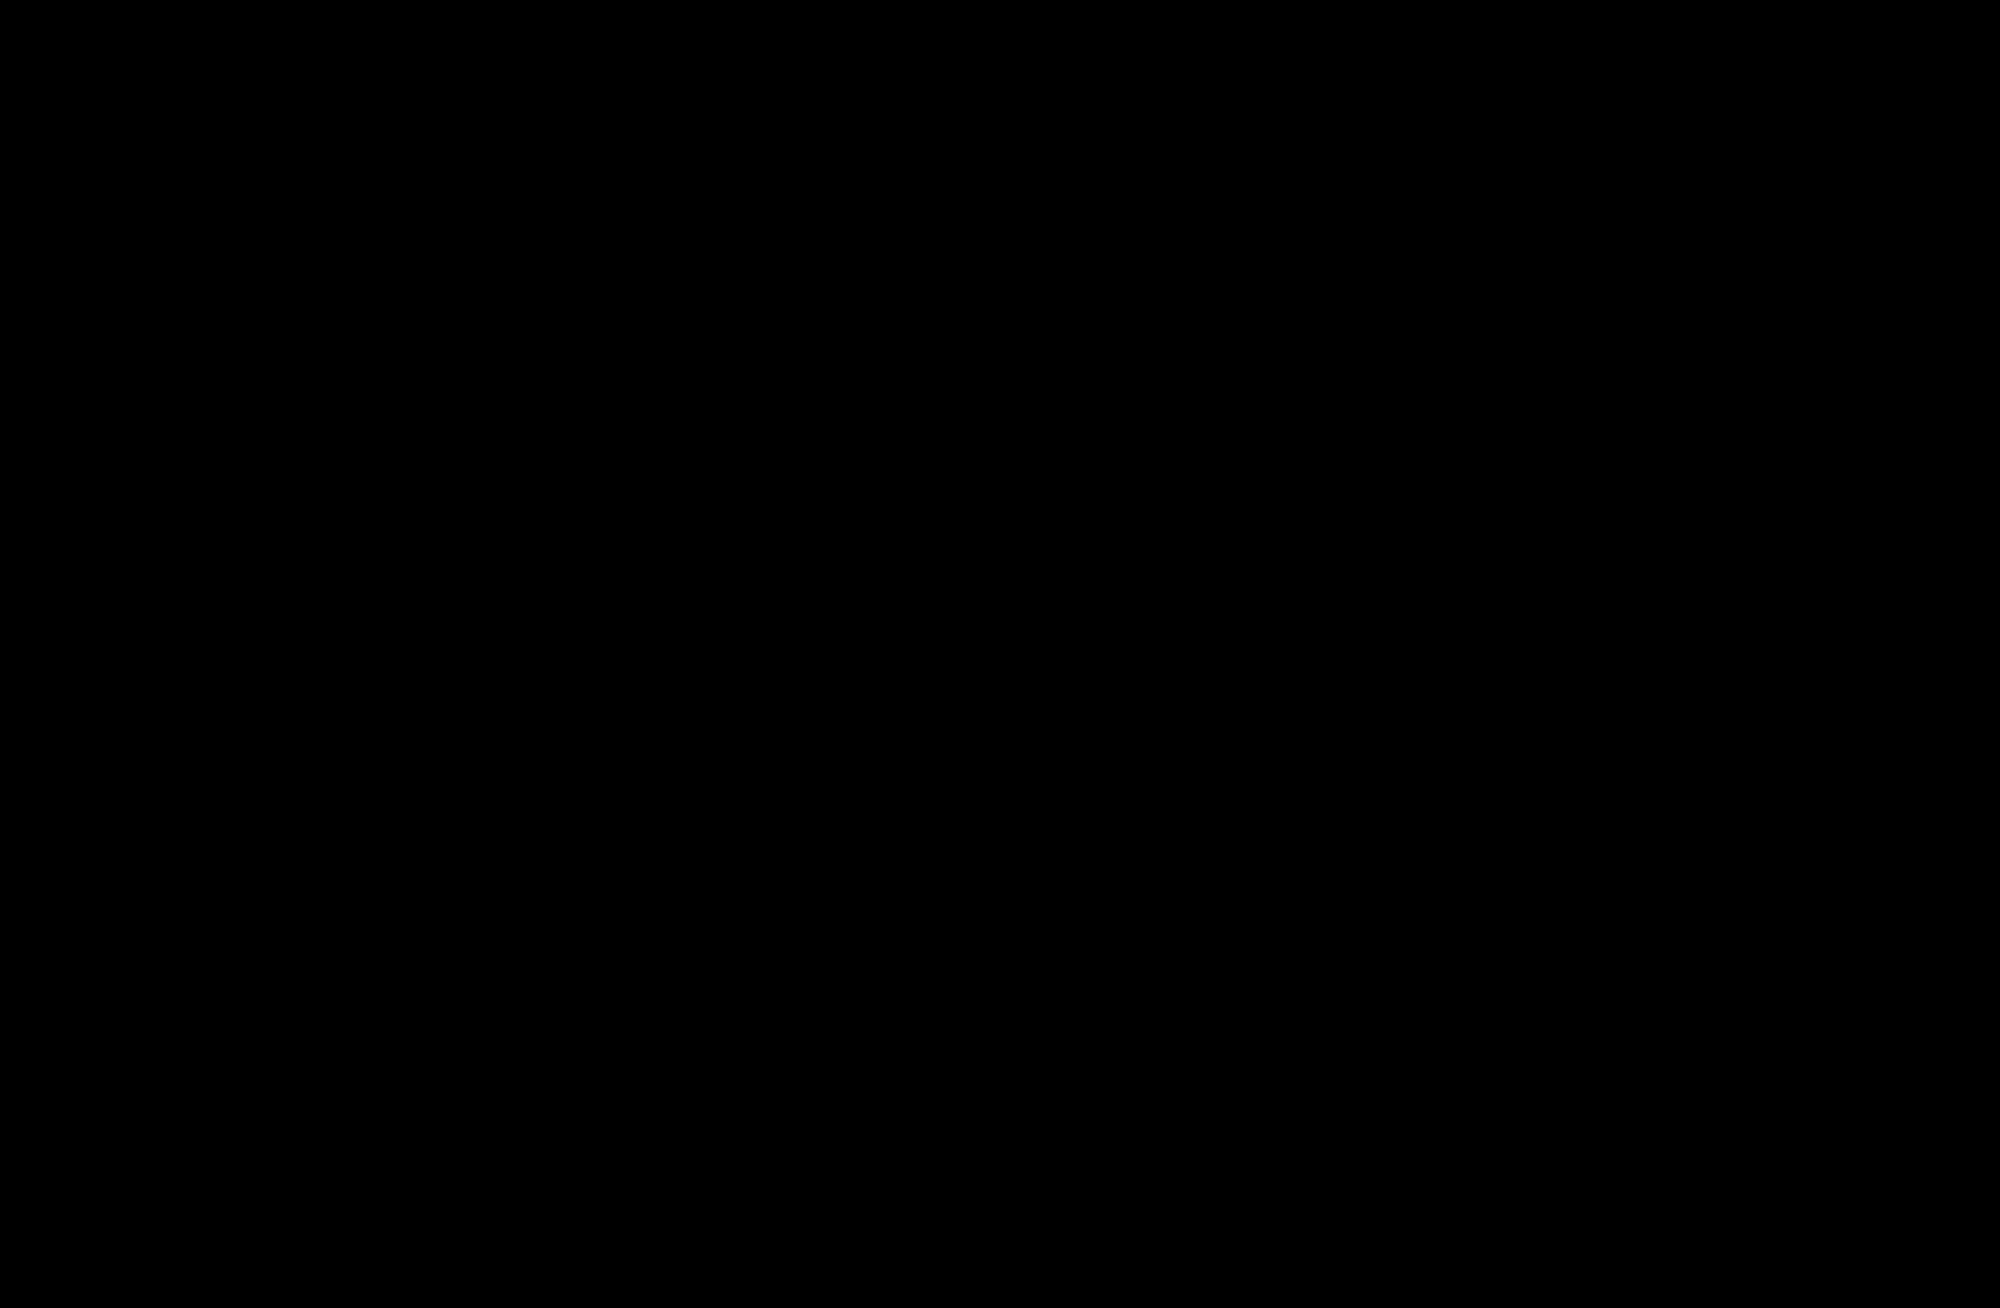 FILAMENT-logo-black-i-i.png